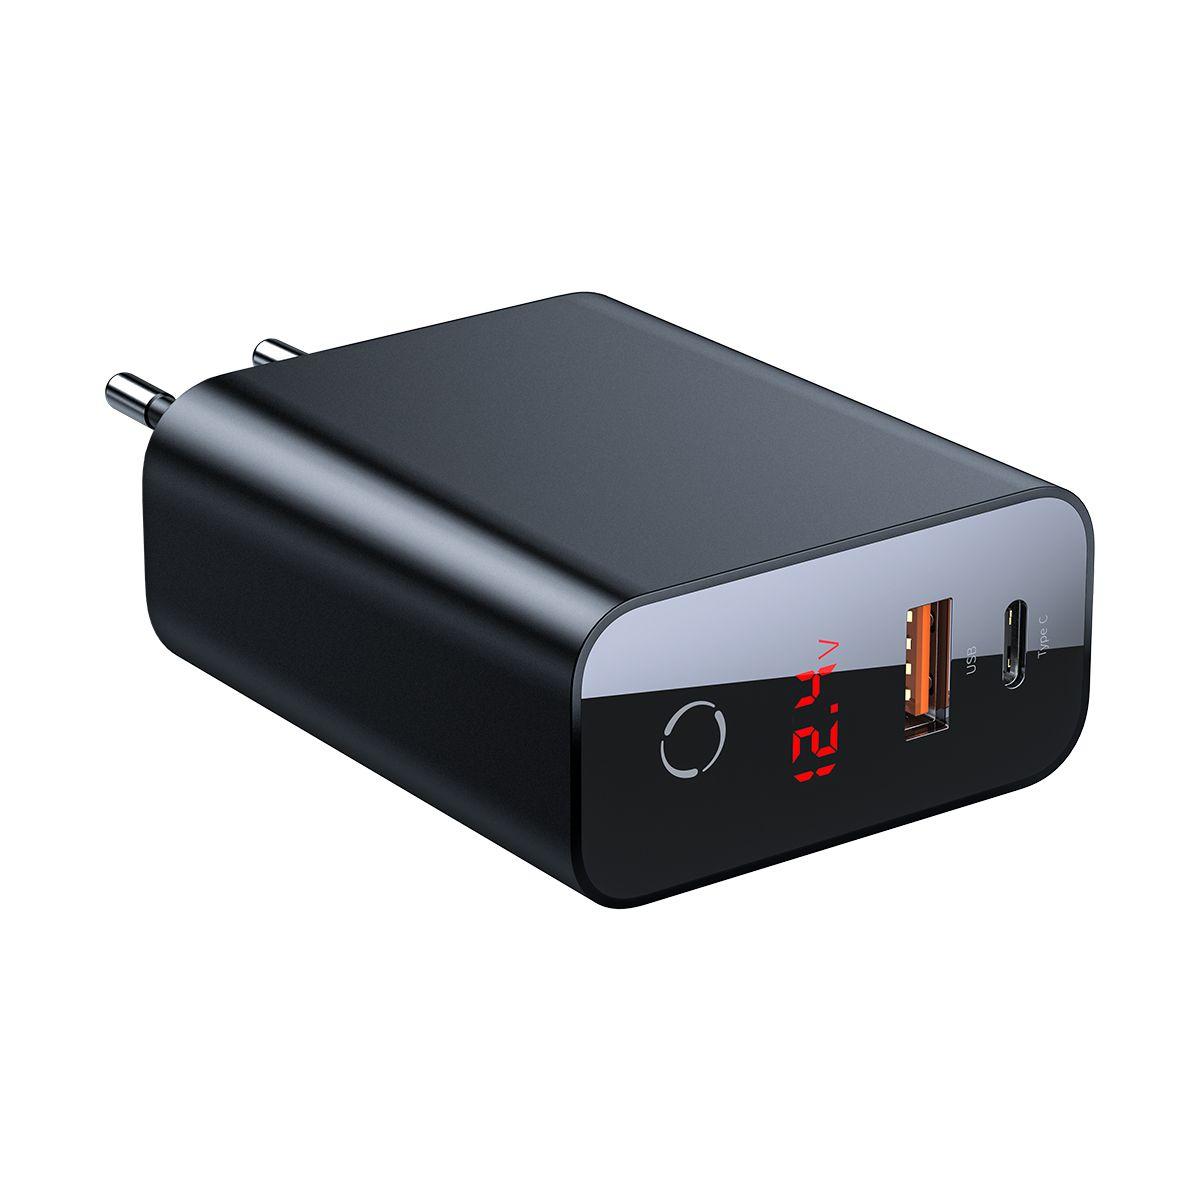 Carregador de Parede Inteligente com Digital Display Type-C + USB Baseus Speed PPS 45W